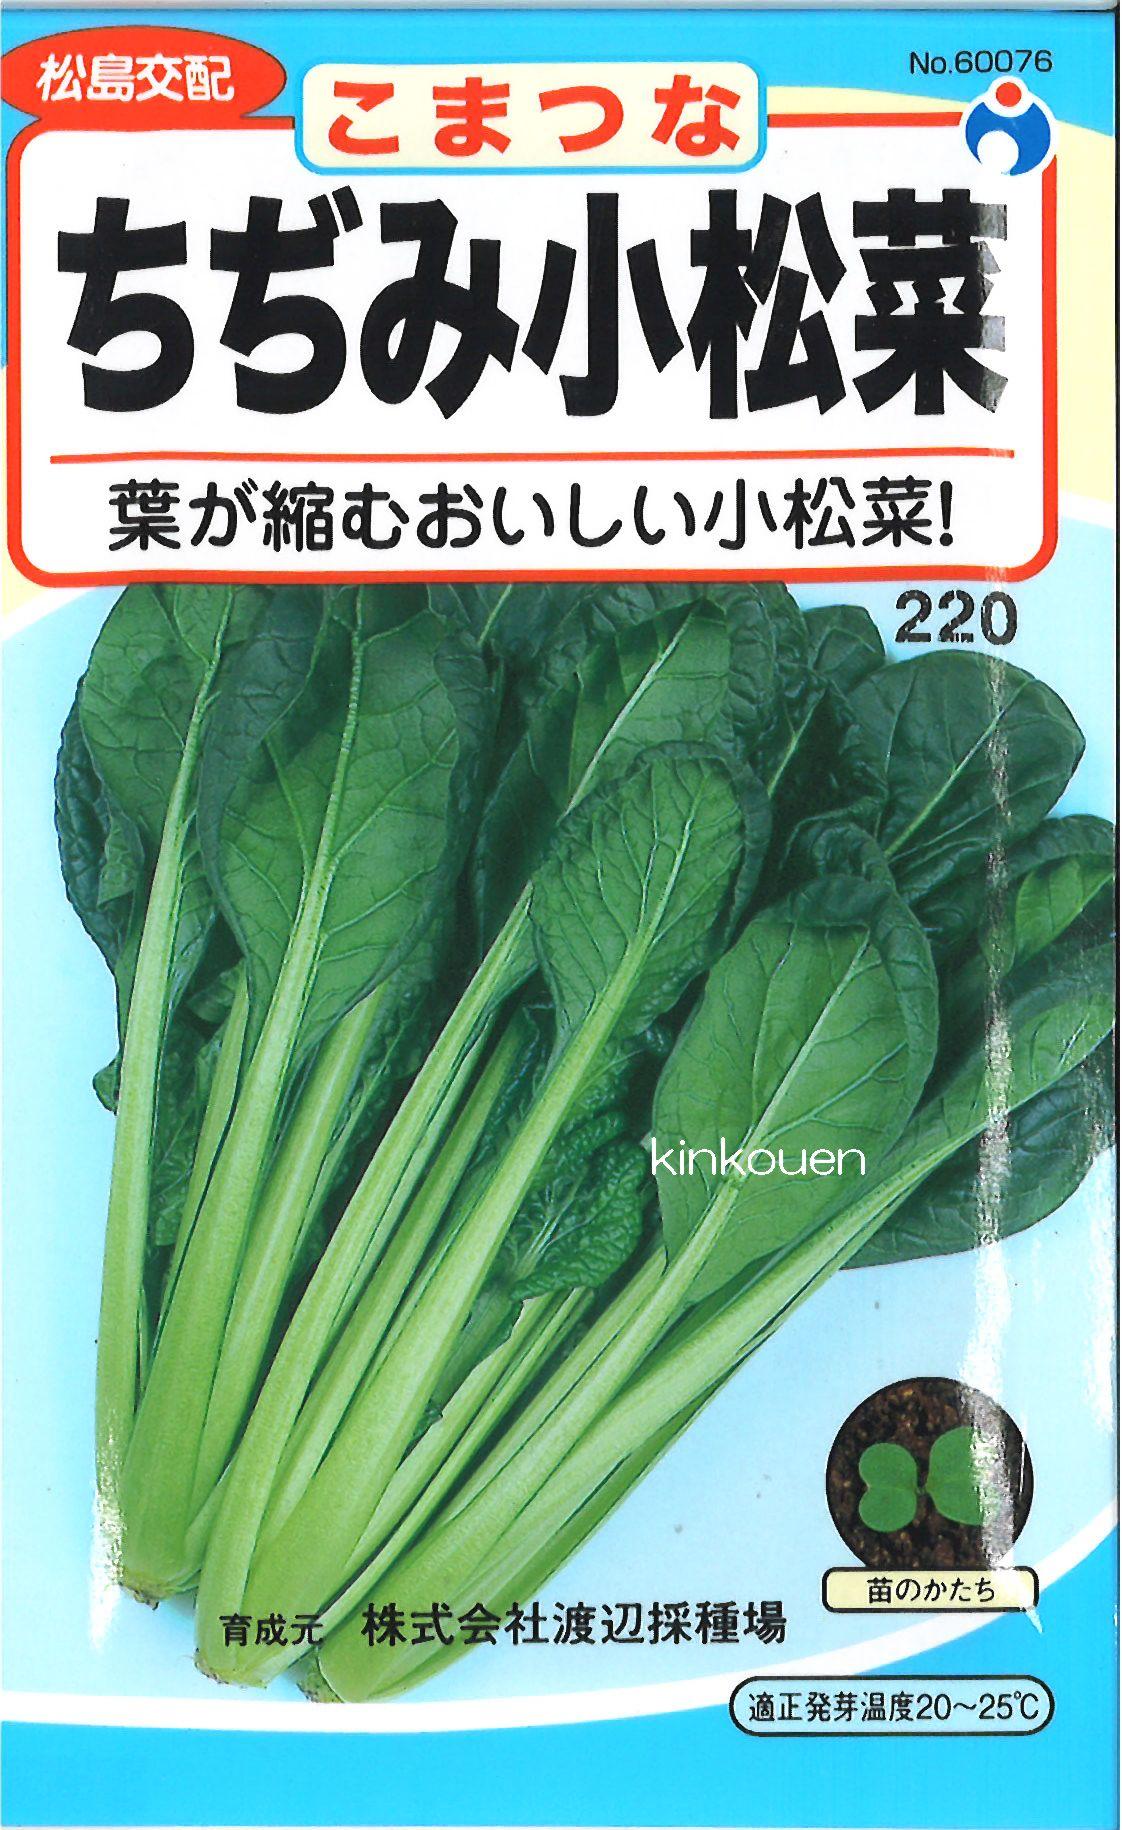 【代引不可】【5袋まで送料80円】□ちぢみ小松菜